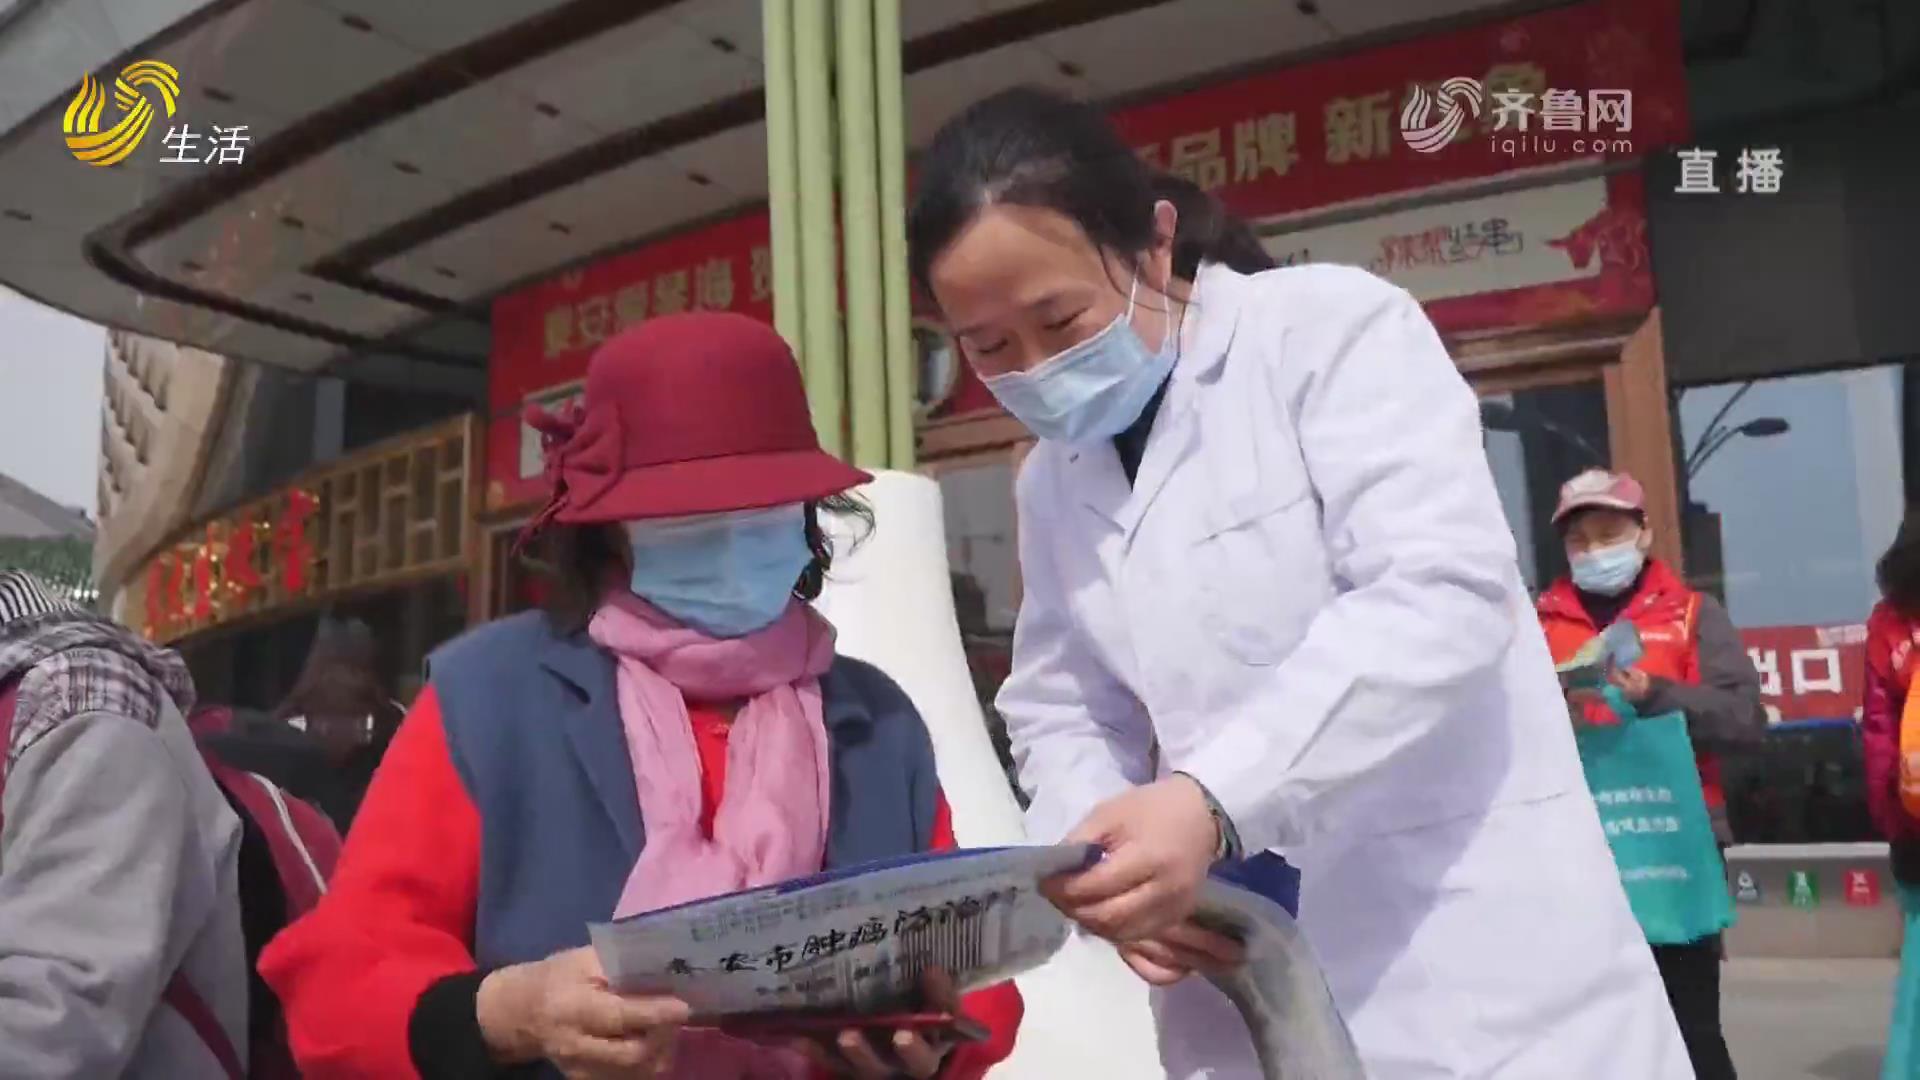 泰安市开展世界防治结核病日宣传活动